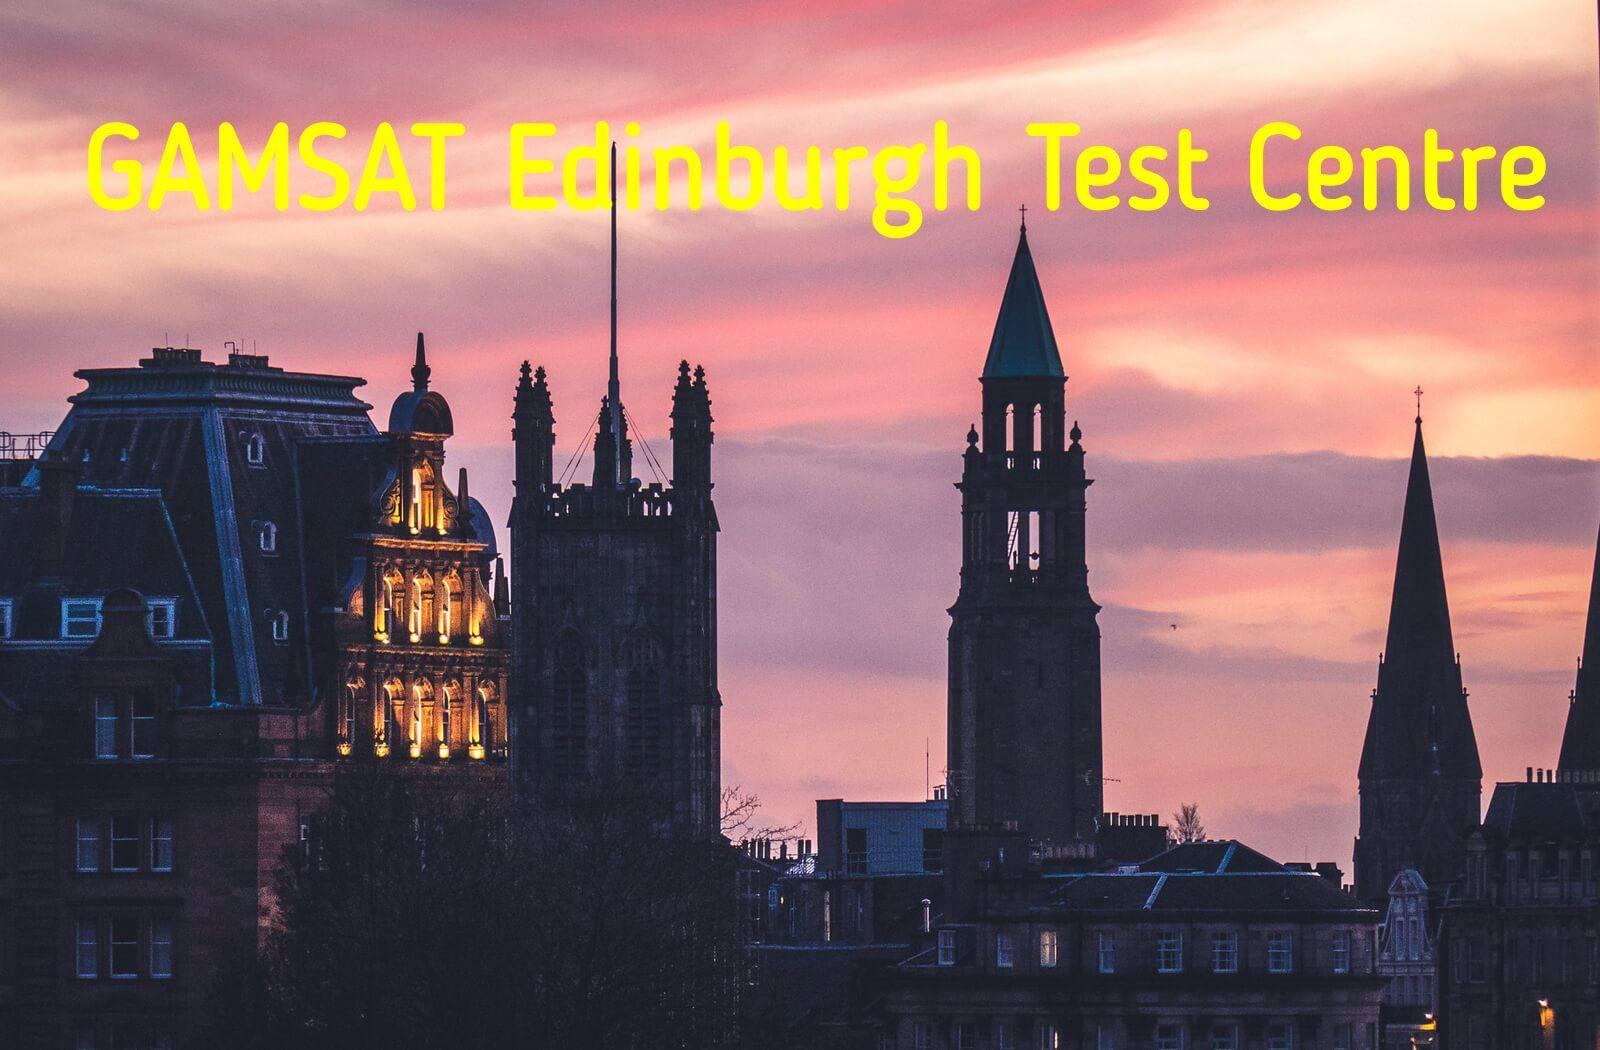 Where is GAMSAT held in Edinburgh?